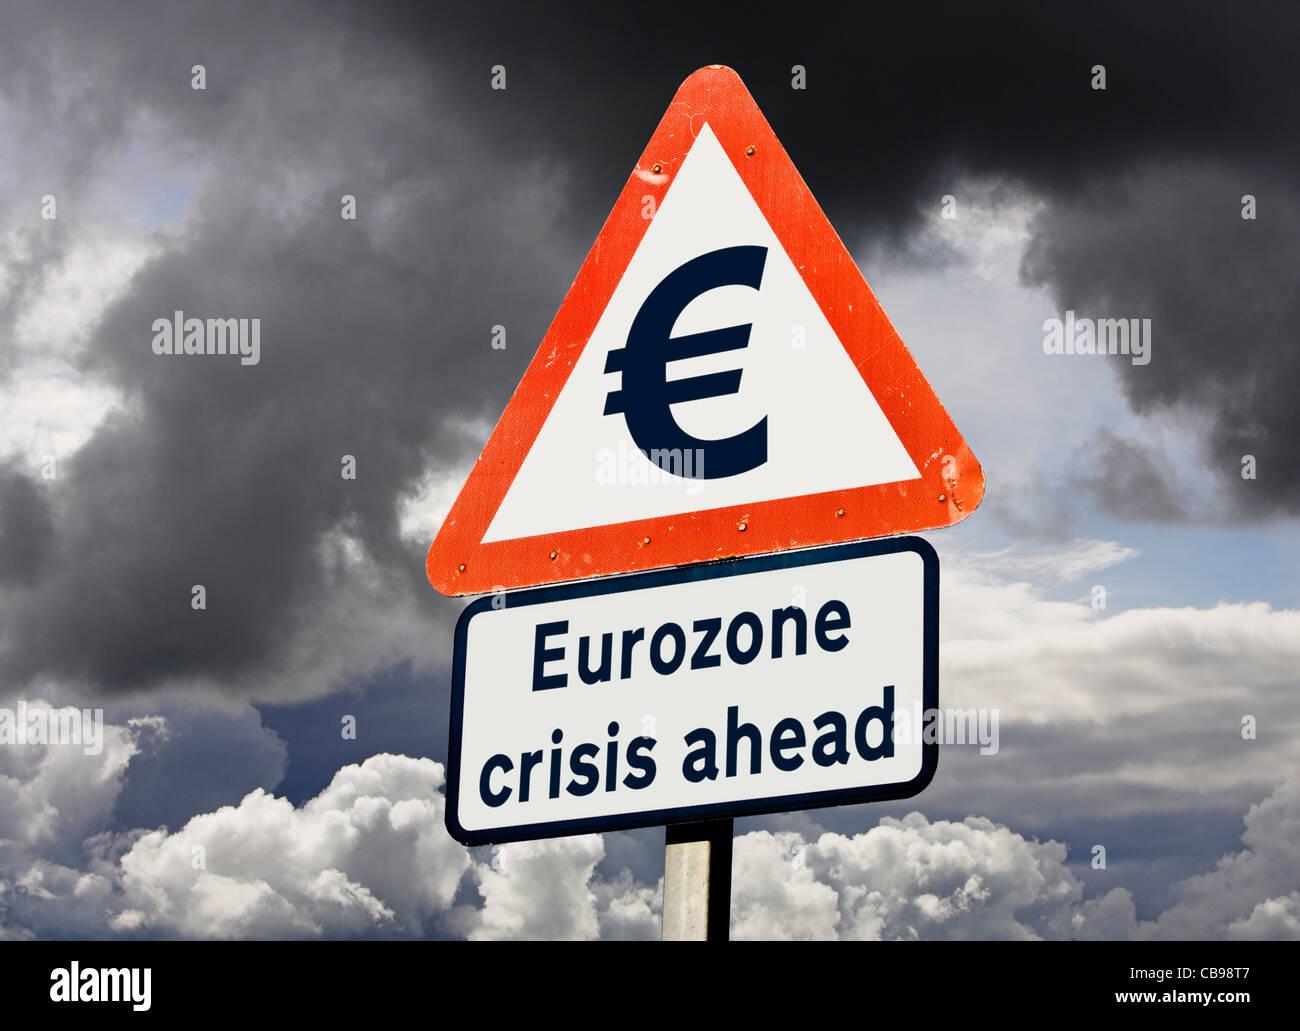 Eurozone EU Europäische Union Schuld oder politische Krise brechen Bedrohung Konzept Warnschild gegen einen Stockbild